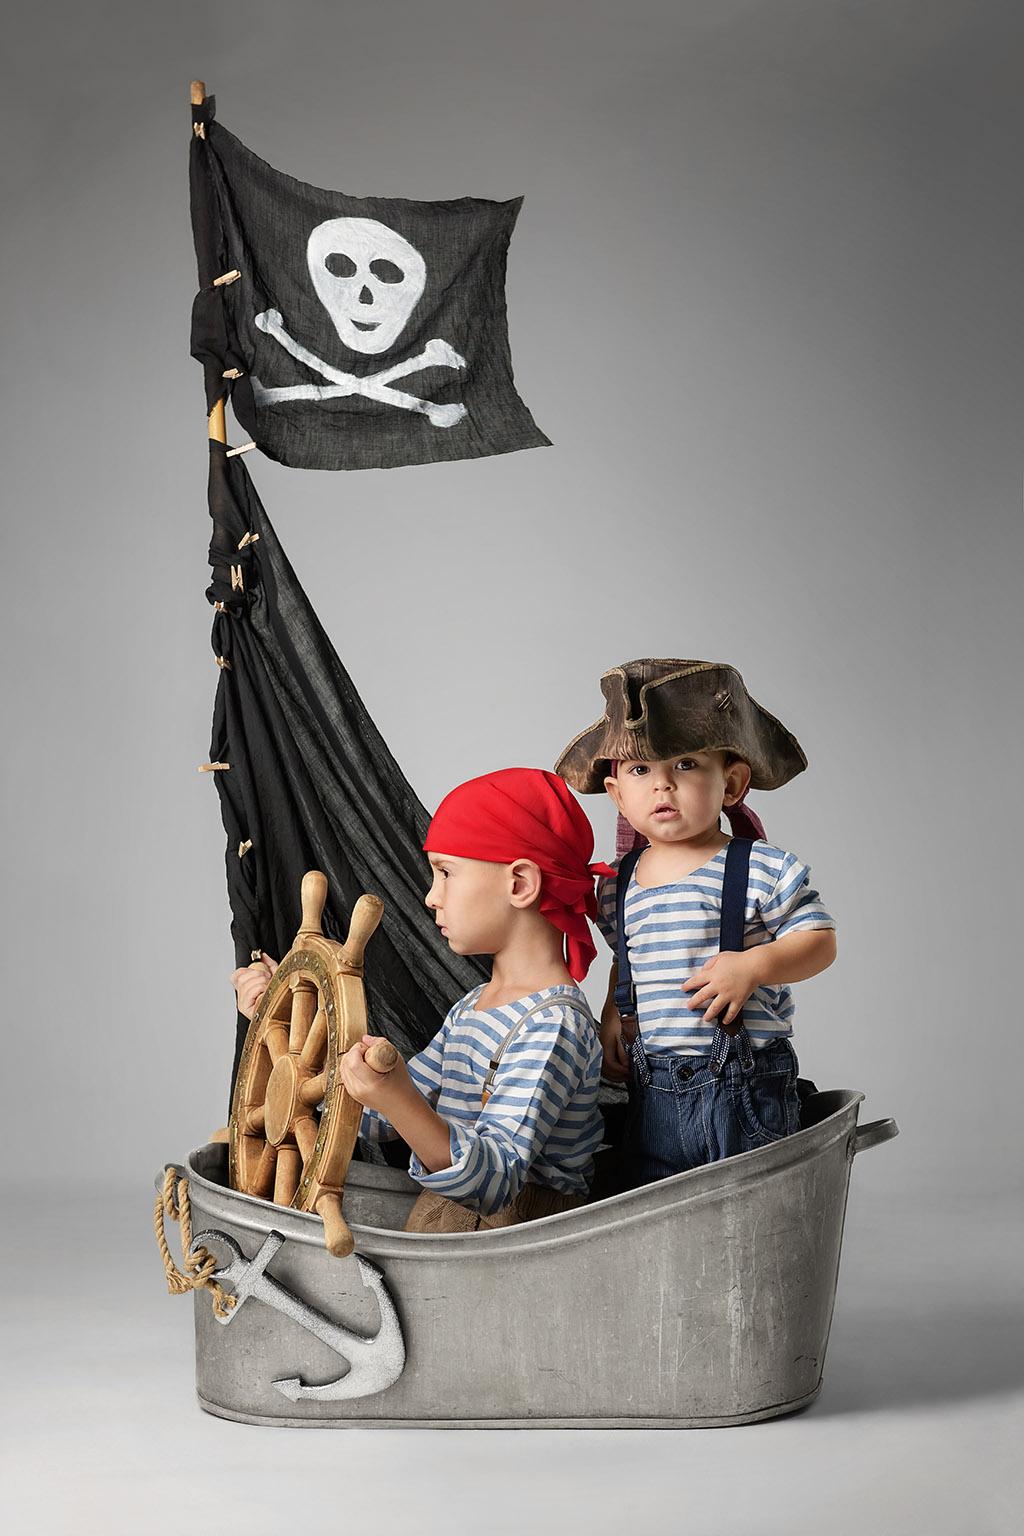 Niños en un barco pirata jugando